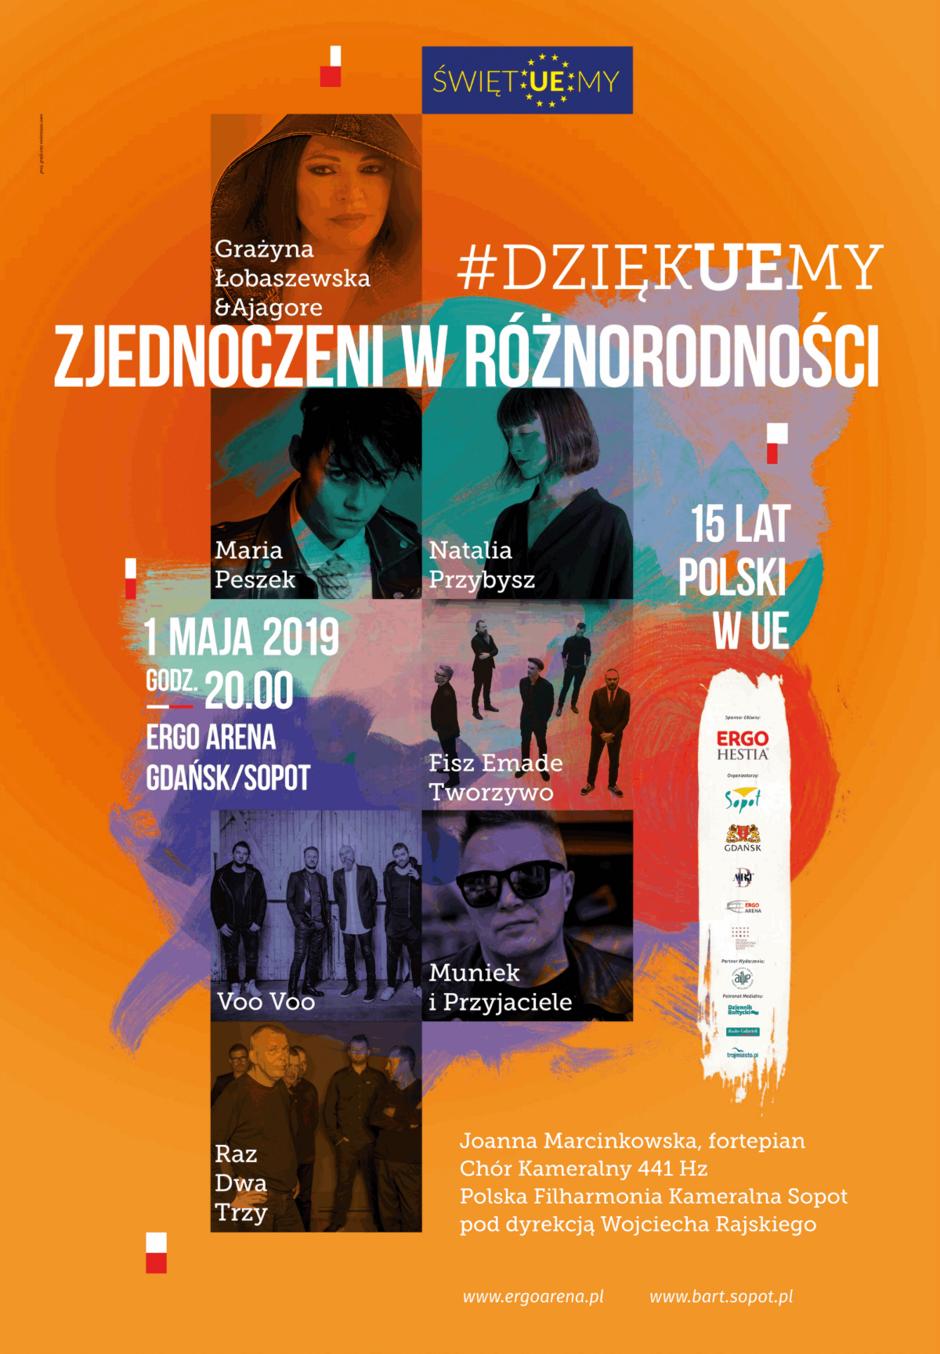 Zjednoczeni_w_roznorodnosci_poster